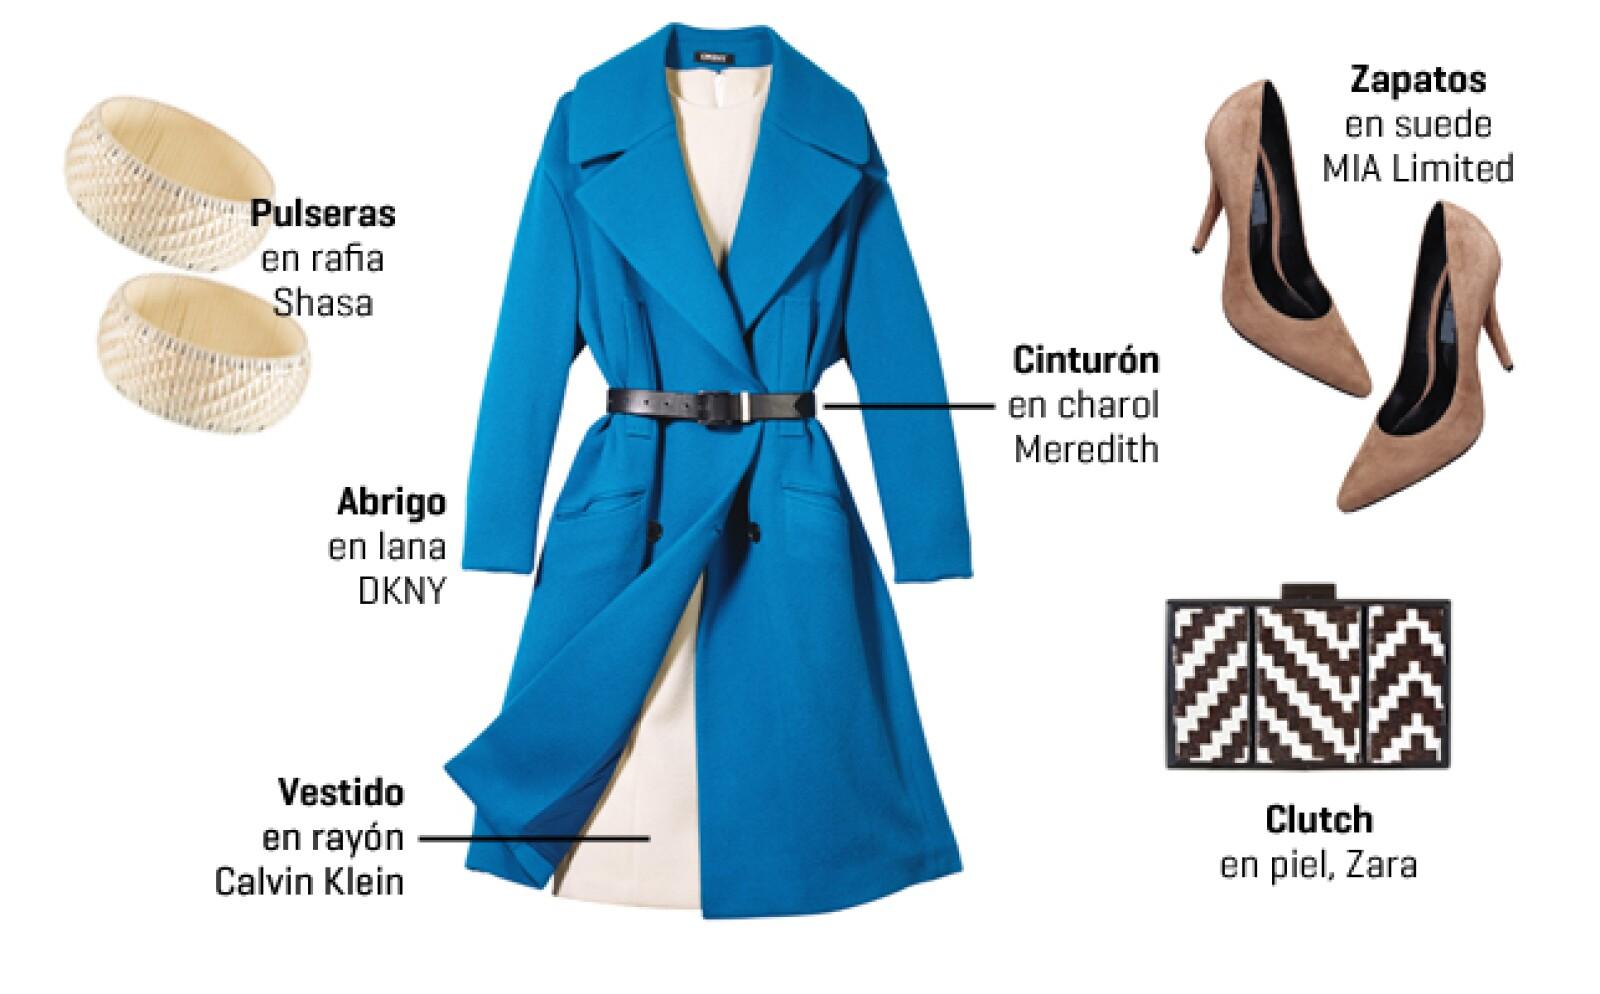 Controla el exceso de tela del abrigo con un cinturón, de esta forma las solapas se vuelven favorecedoras. Resalta el color del abrigo con un vestido en tono marfil, un bolso en print llamativo y zapatos color nude.